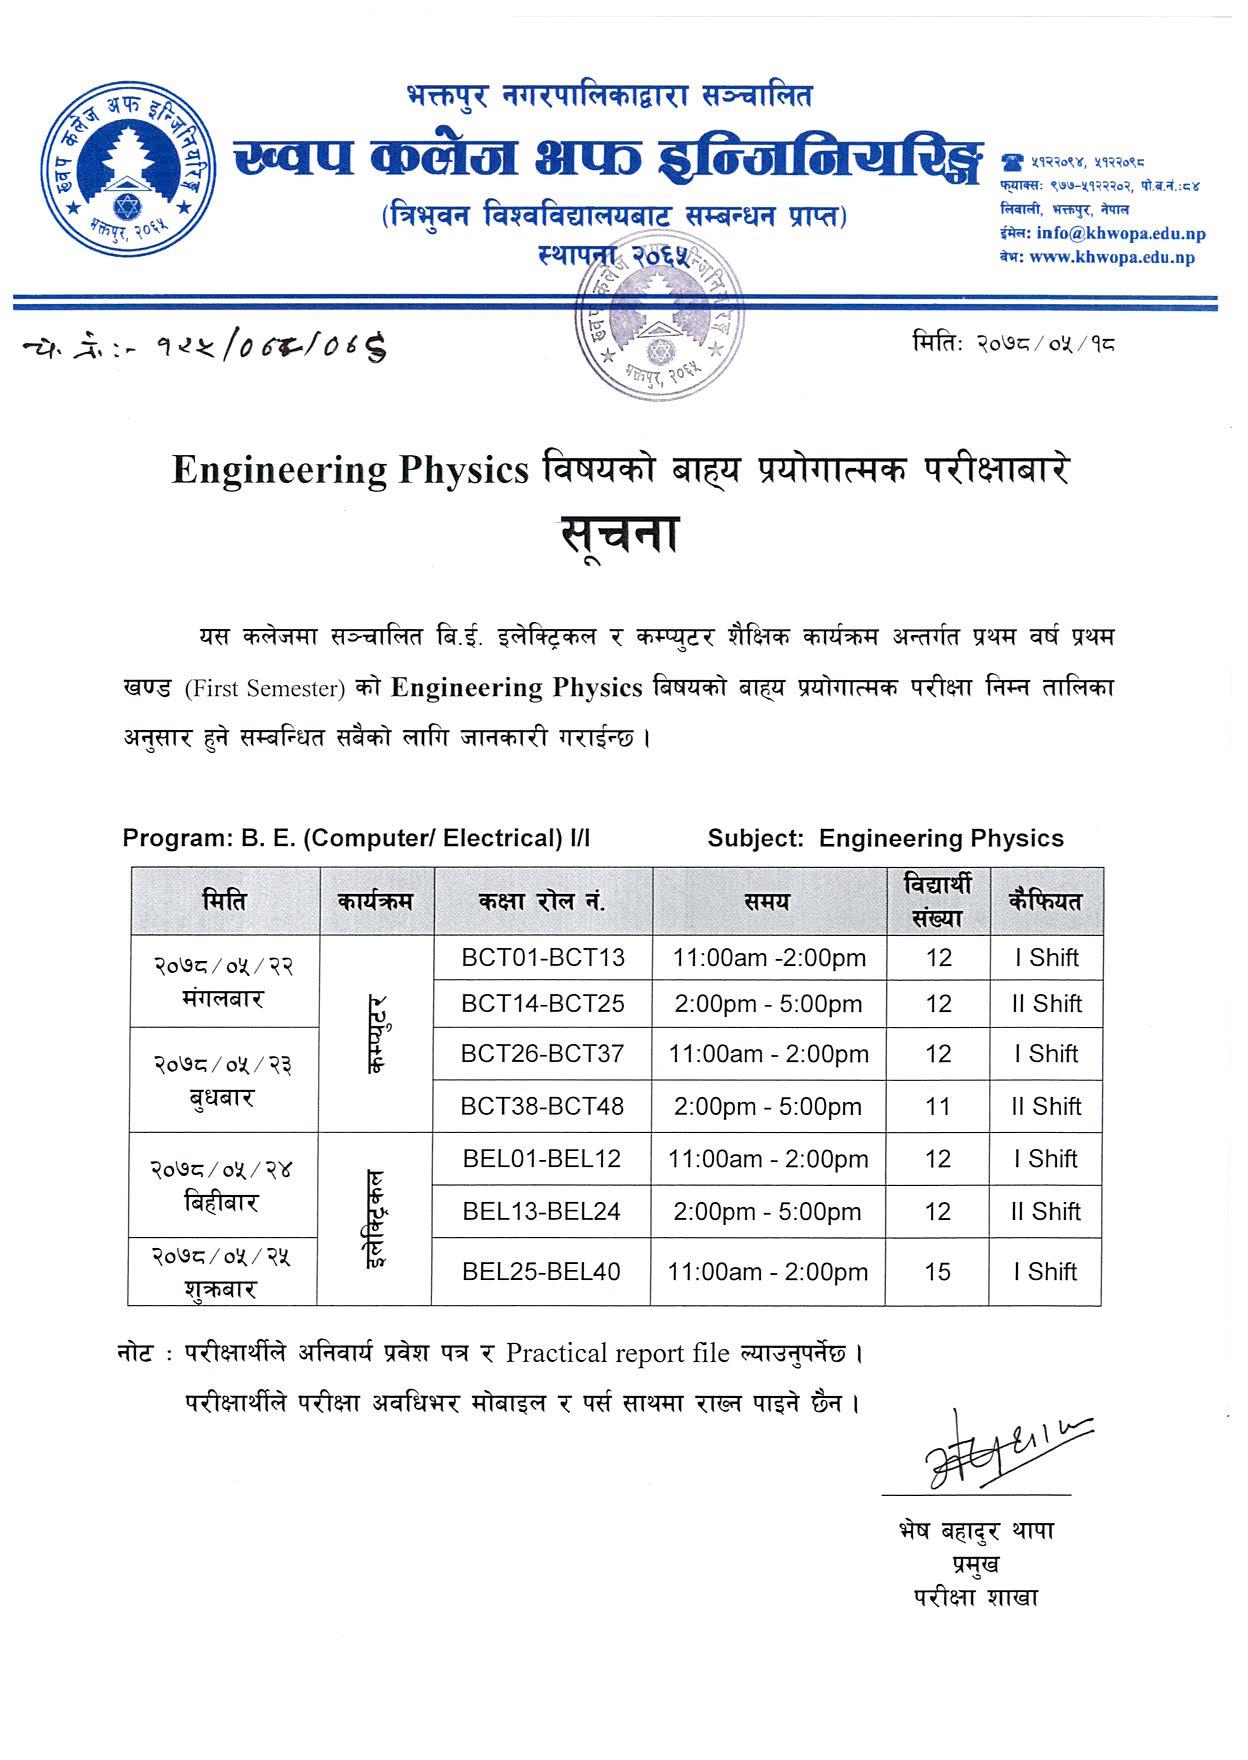 Physics बिषयकाे बाह्य प्रयाेगात्मक परीक्षाबारे सूचना ।